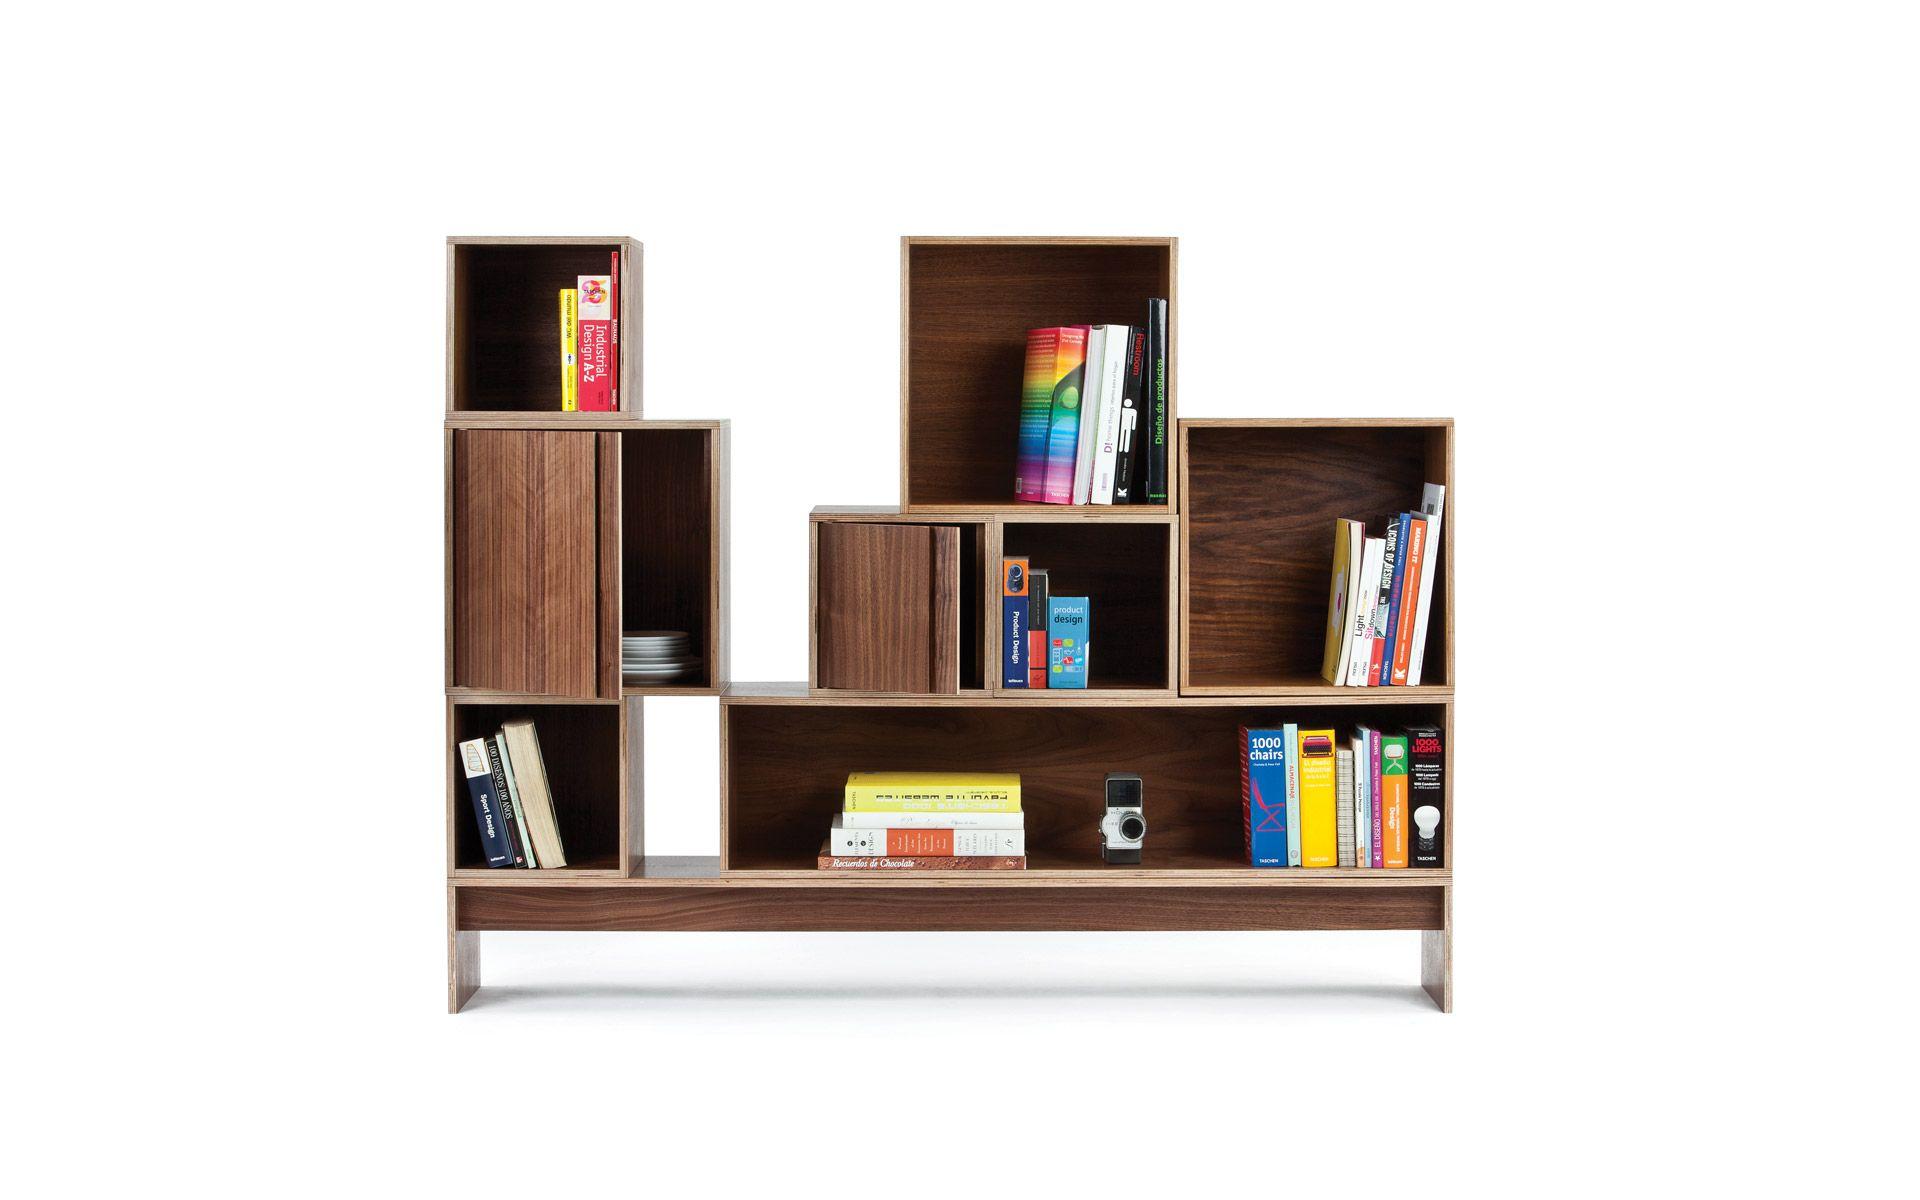 Los libreros Block son ideales para colocar objetos o libros que quieran ser destacados, con varios espacios independientes enmarcados por grandes superficies de madera. Los libreros se instalan fácilmente a pared utilizando un herraje que se incluye con la pieza, y que queda oculto una vez instalado.